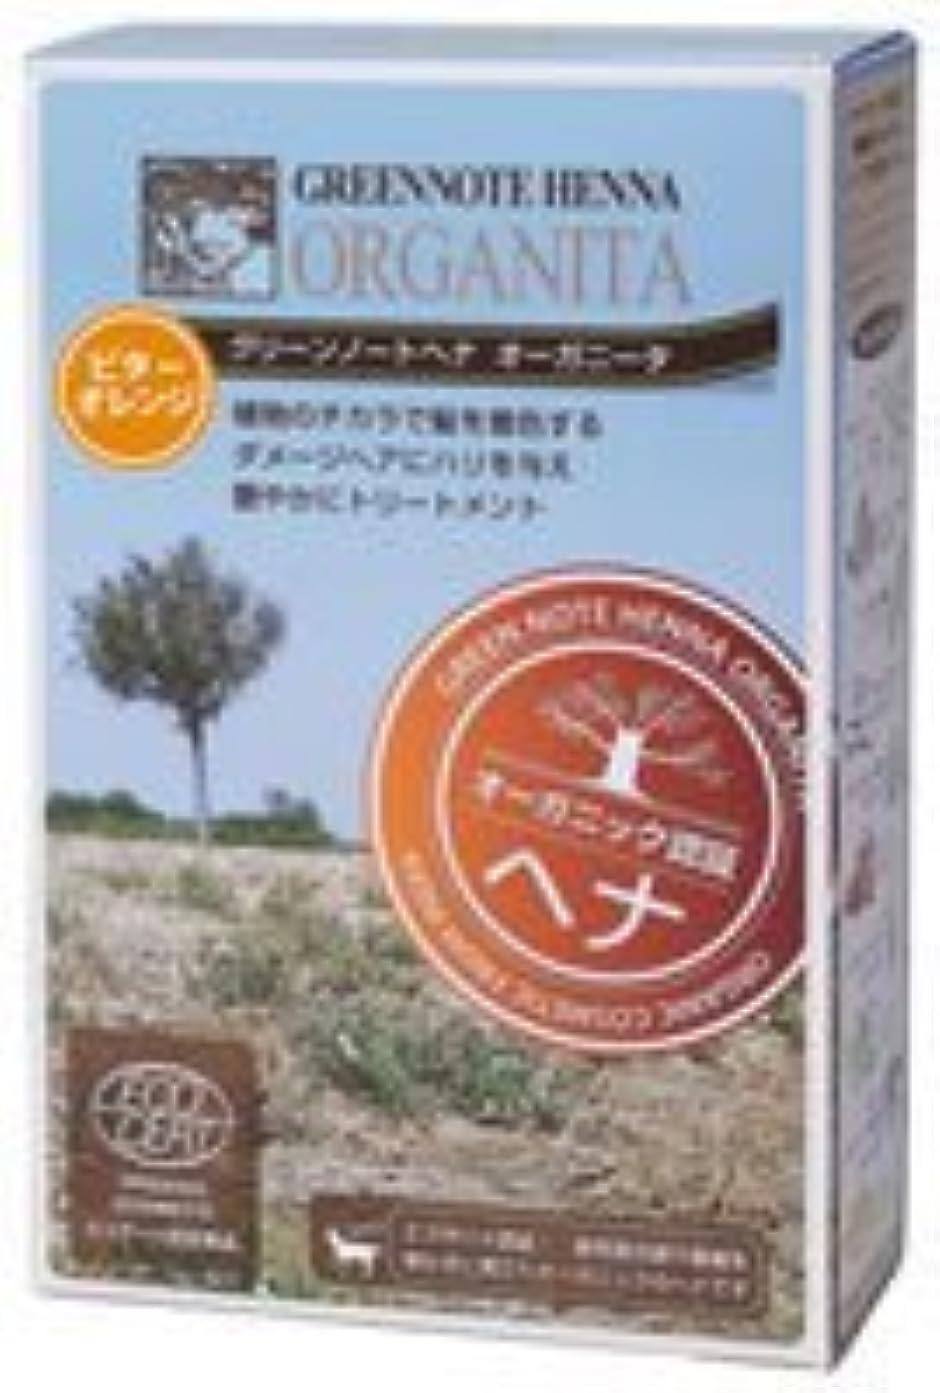 それぞれ文献であることグリーンノートヘナ オーガニータ ビターオレンジ 100g×2箱セット